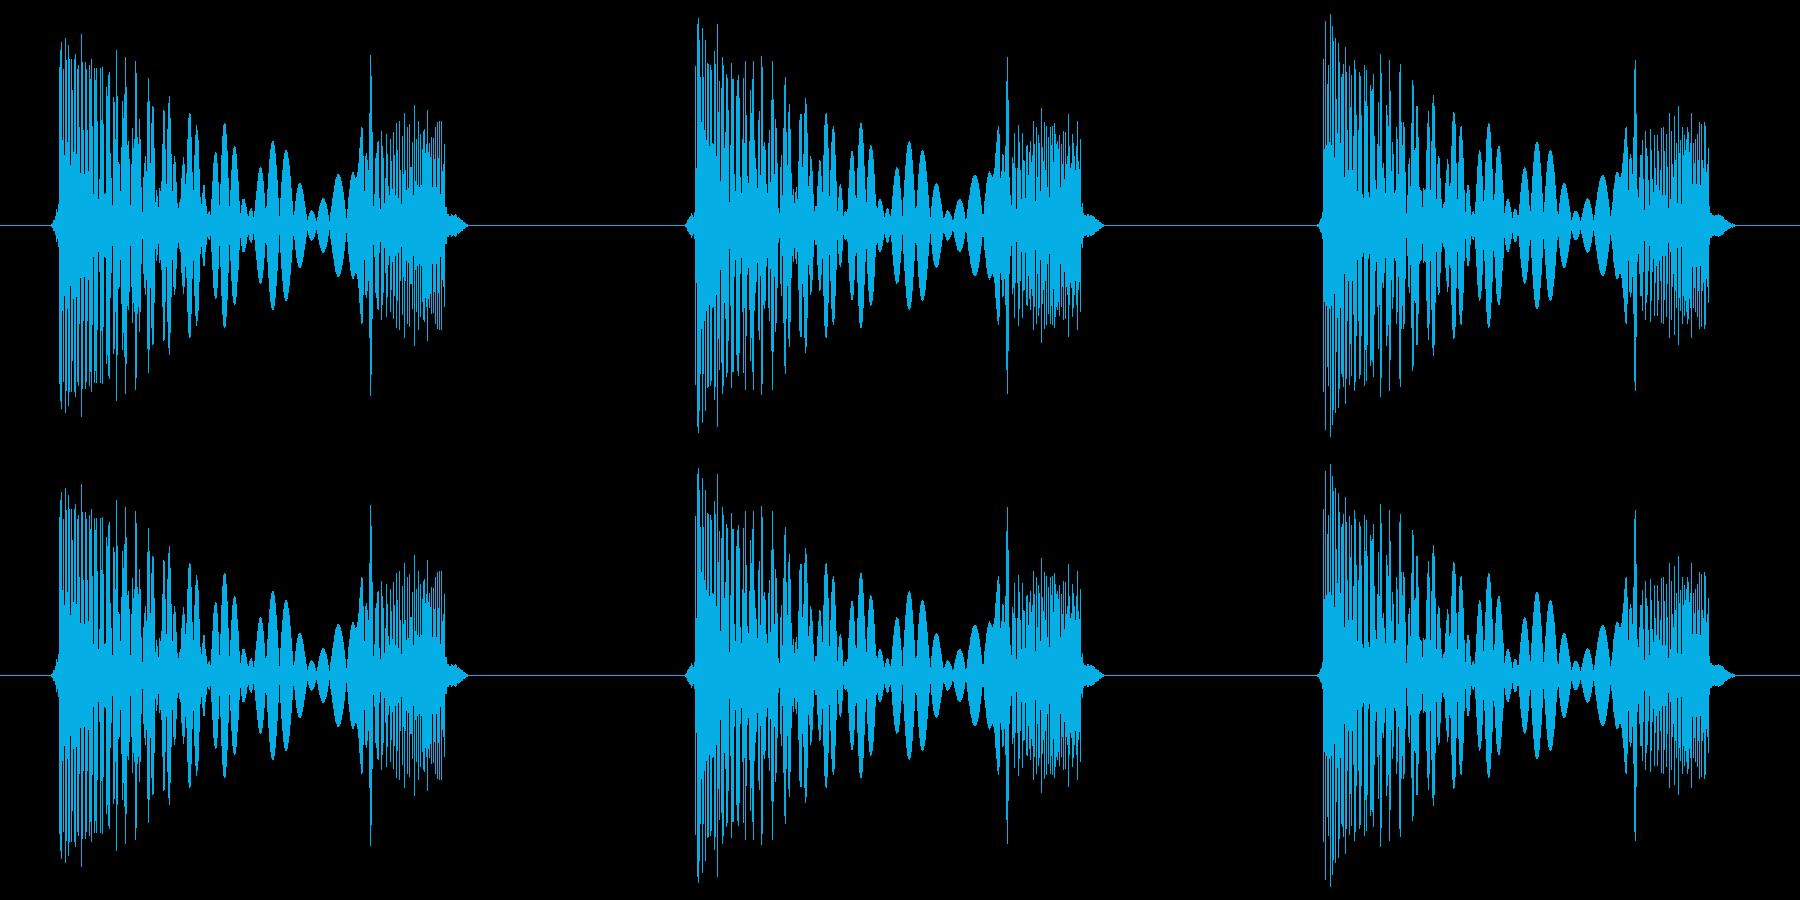 「クワ クワ クワ」「動物等が歩く音」の再生済みの波形